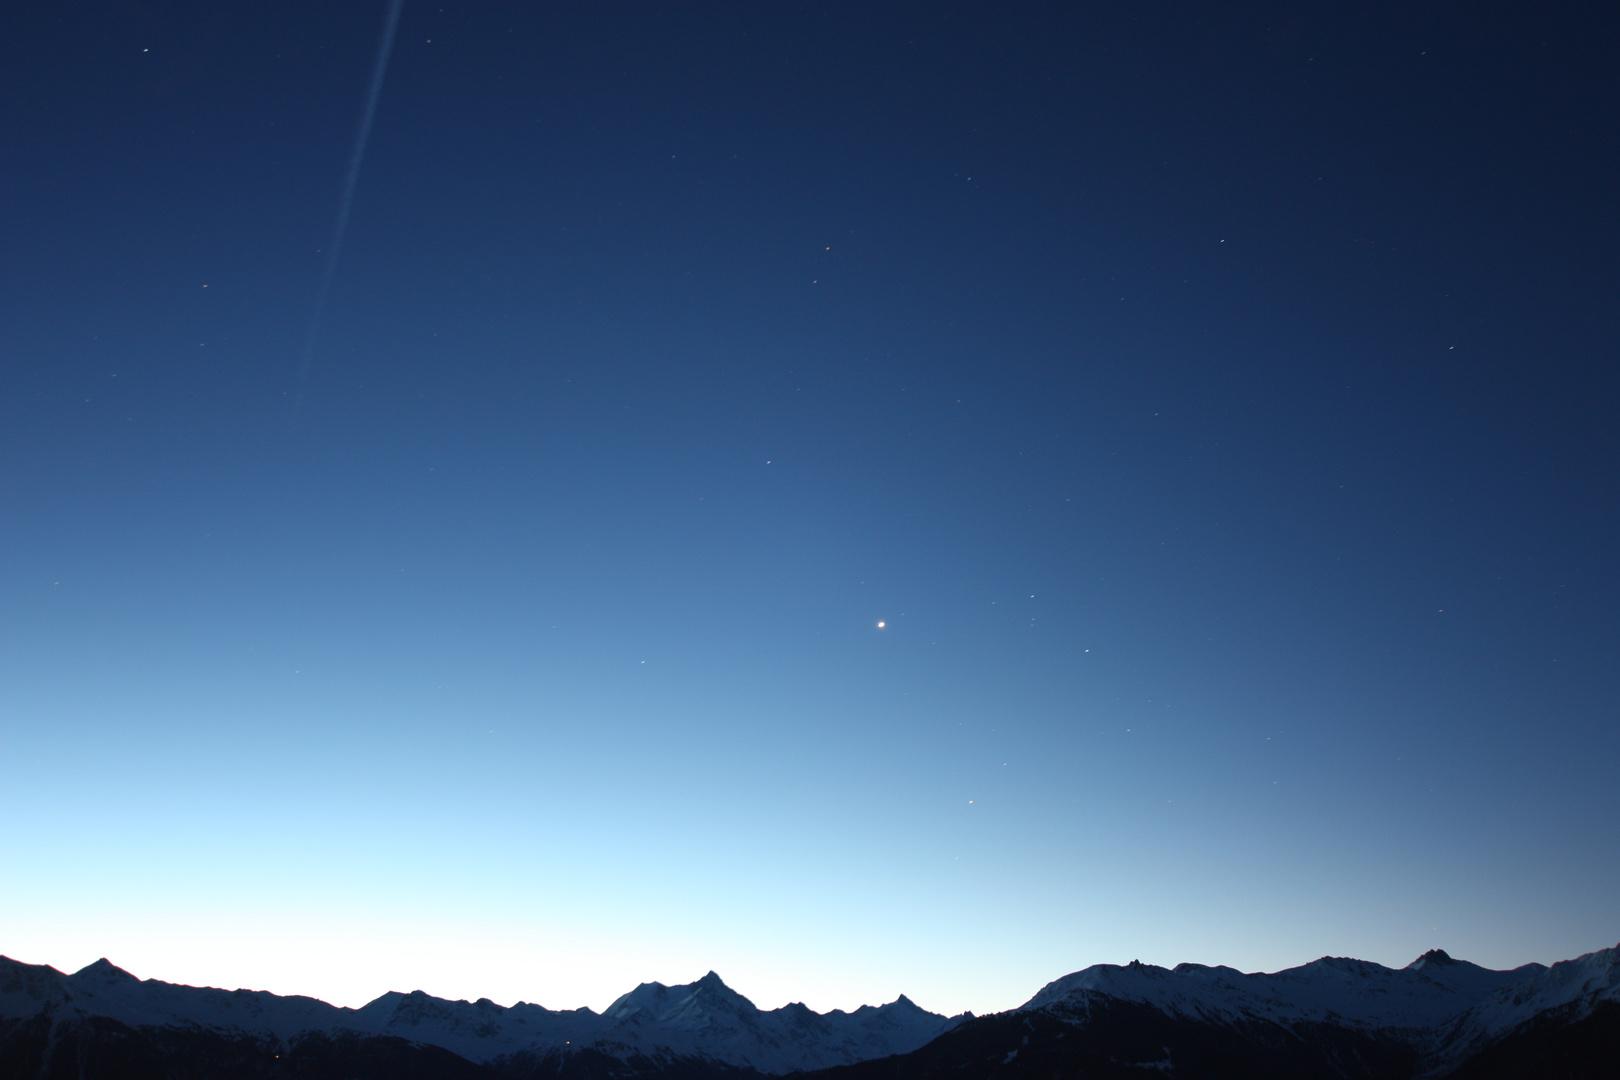 Notte stellata a Crans Montana